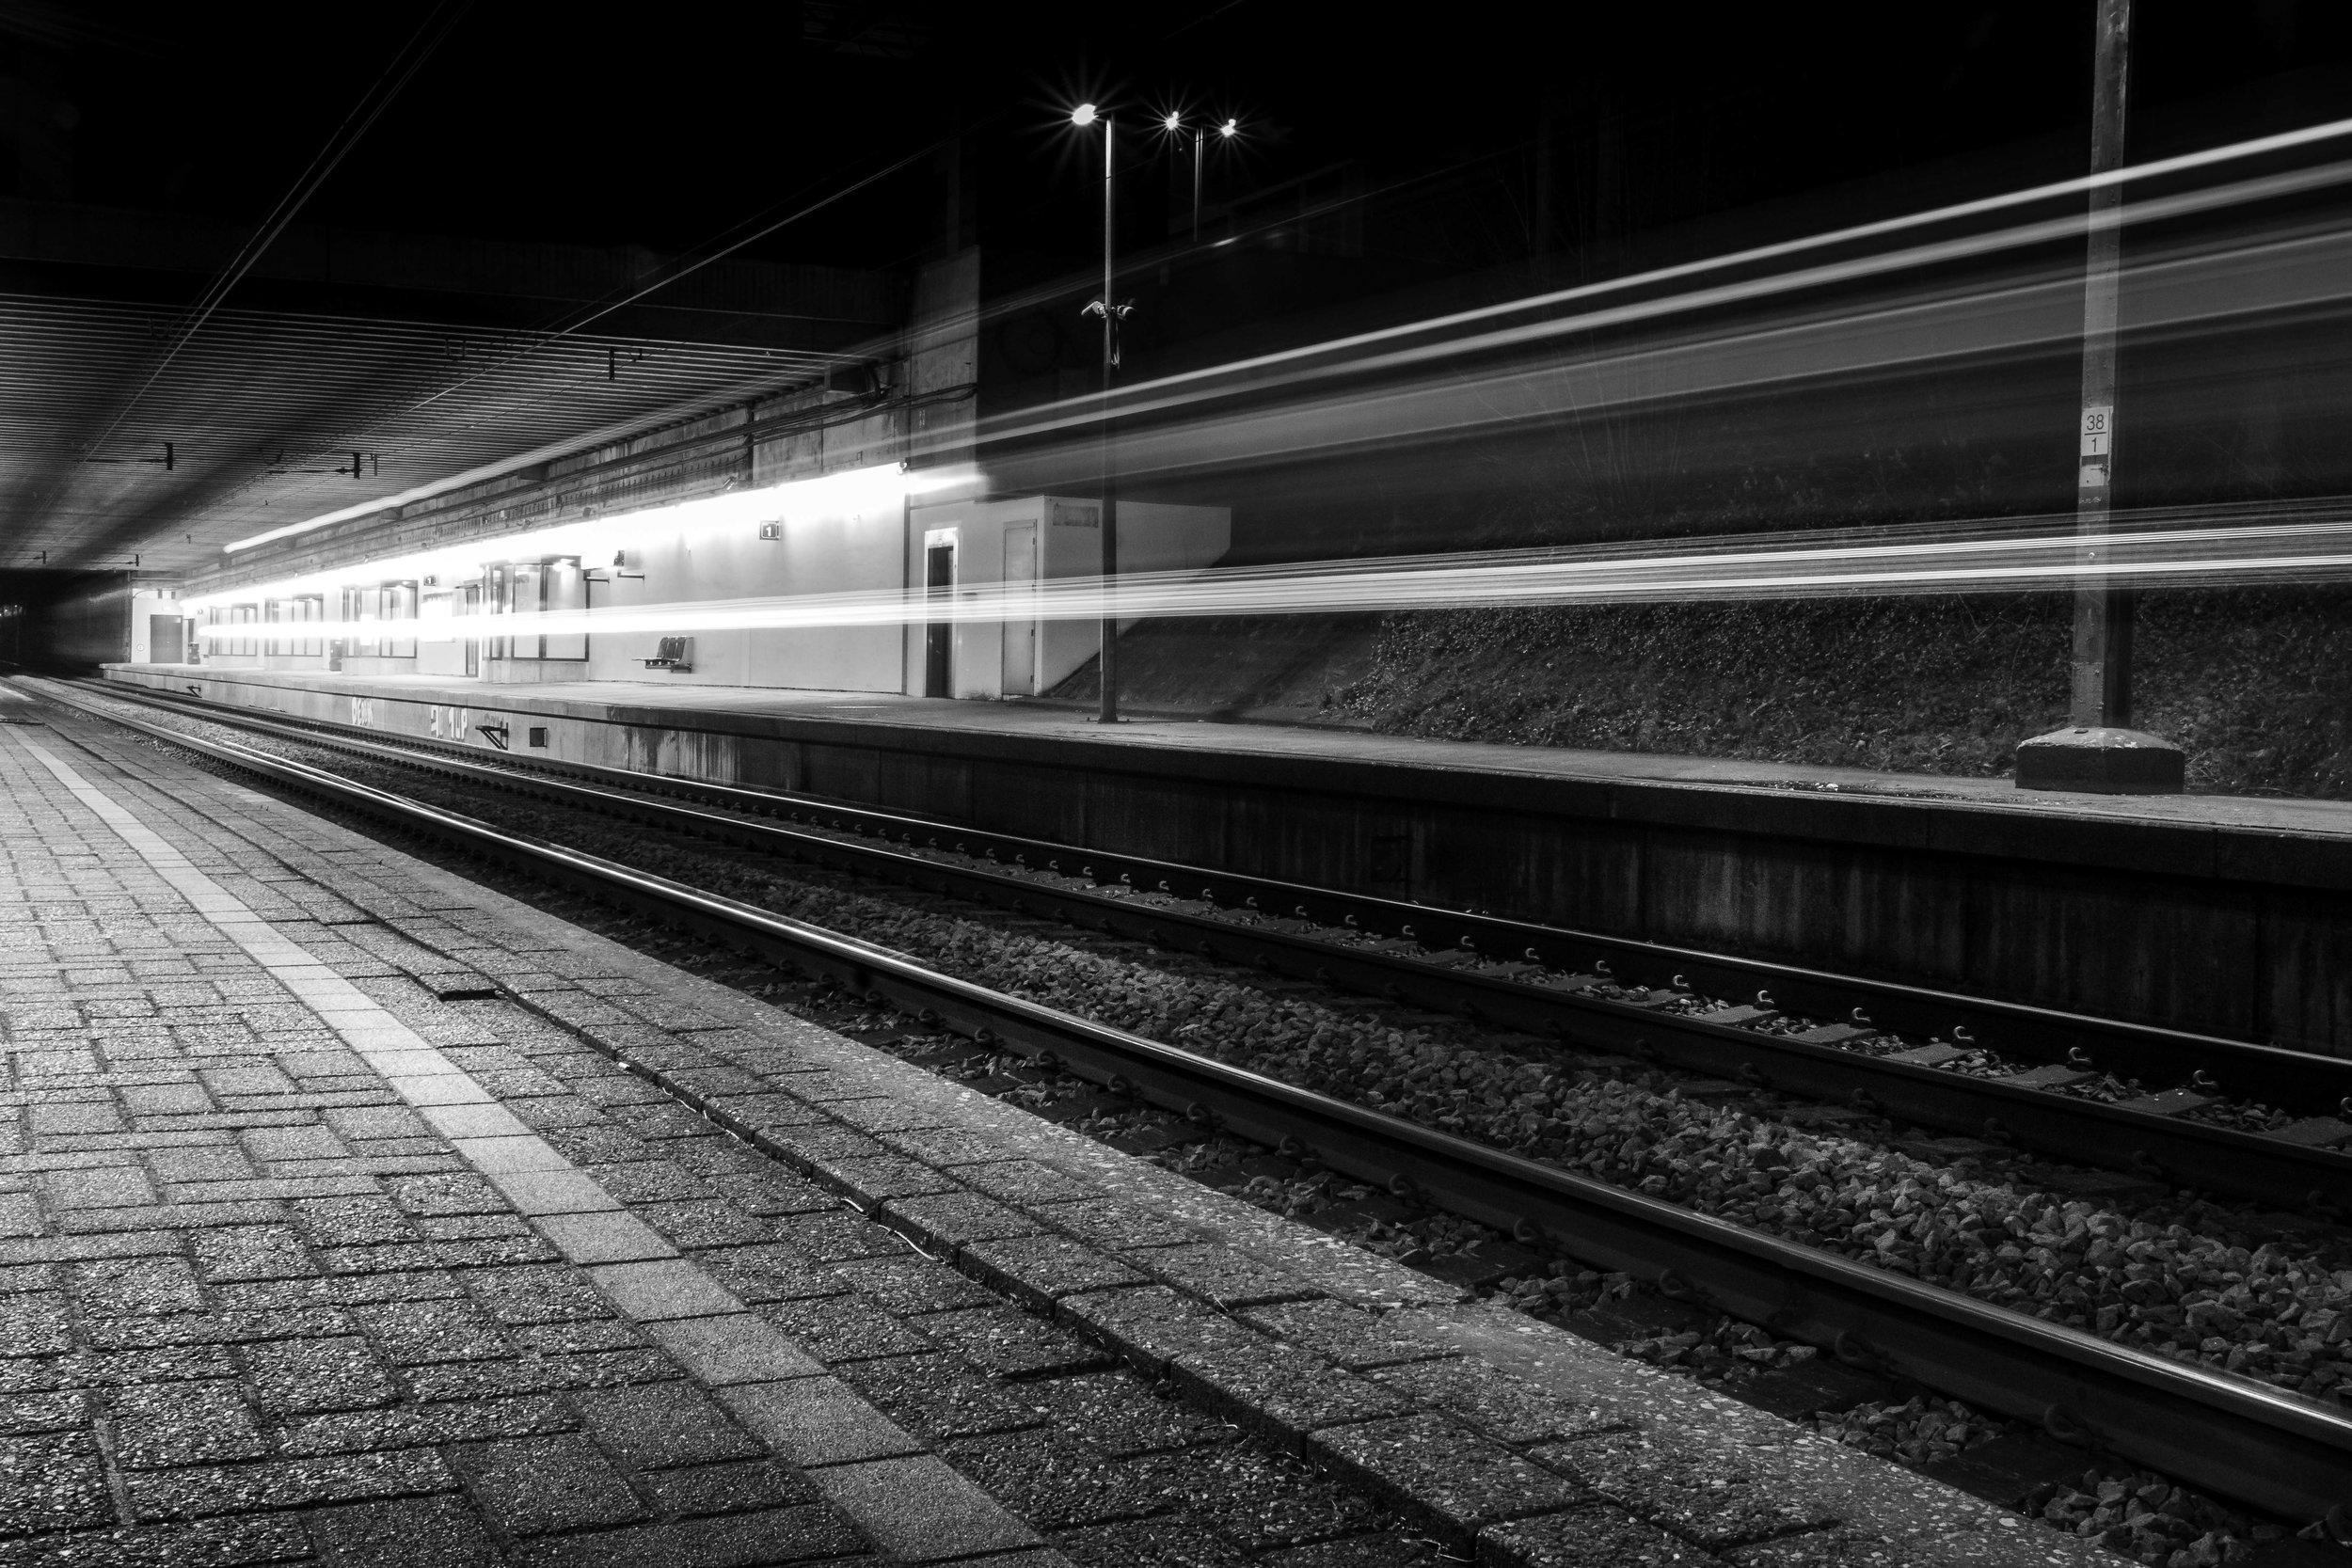 viewfinder-creativeboody-trainspotting-voorbijrazende-treinen-fotograferen-in-mortsel-creatieve-fotograaf-4